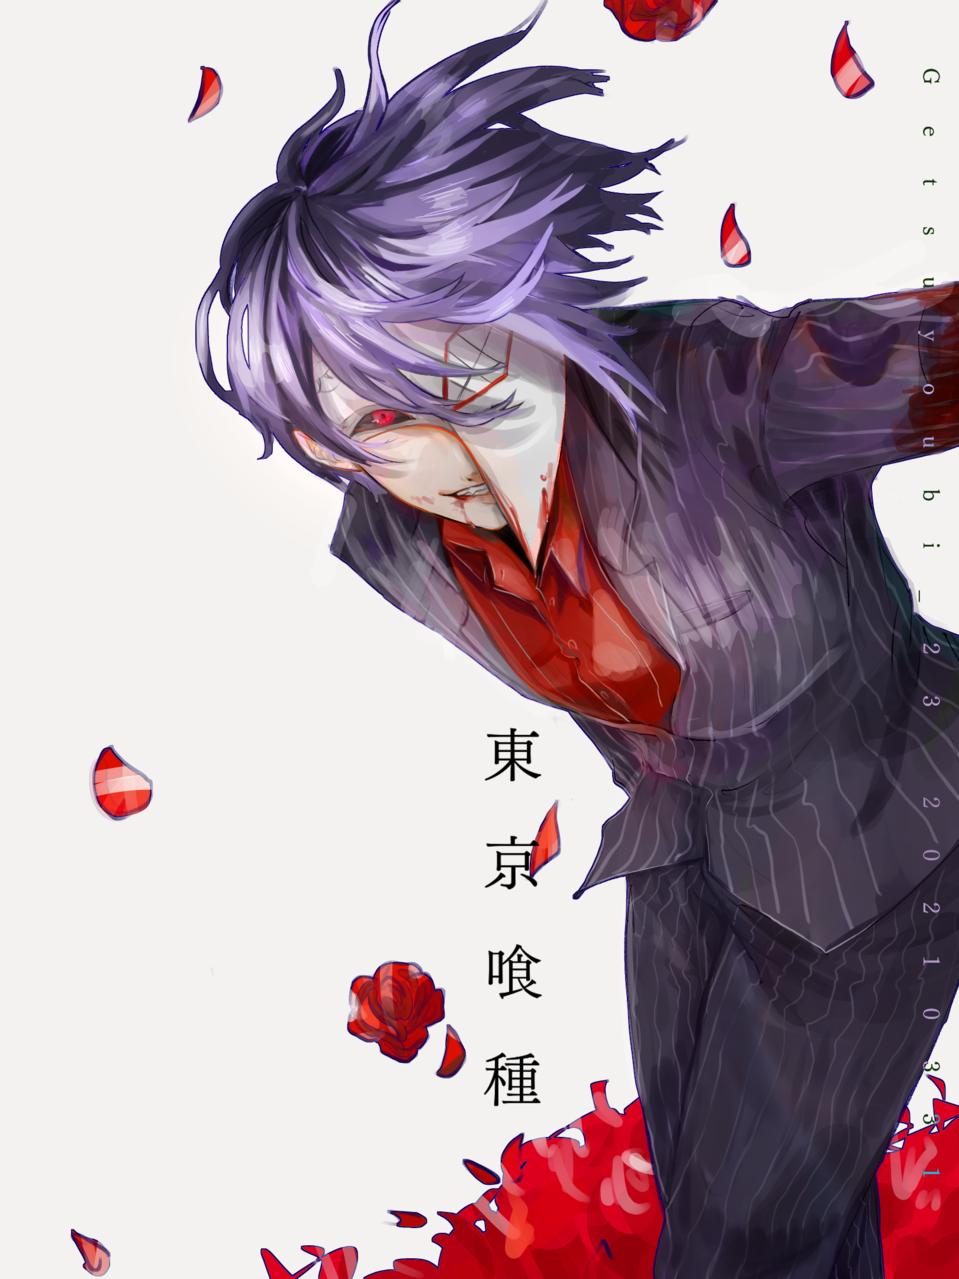 月山習 Illust of Getsuyoubi_23 tokyo_ghoul 二次創作, fanart 月山習 boy 東京喰種:re impasto 面具 purple illustration